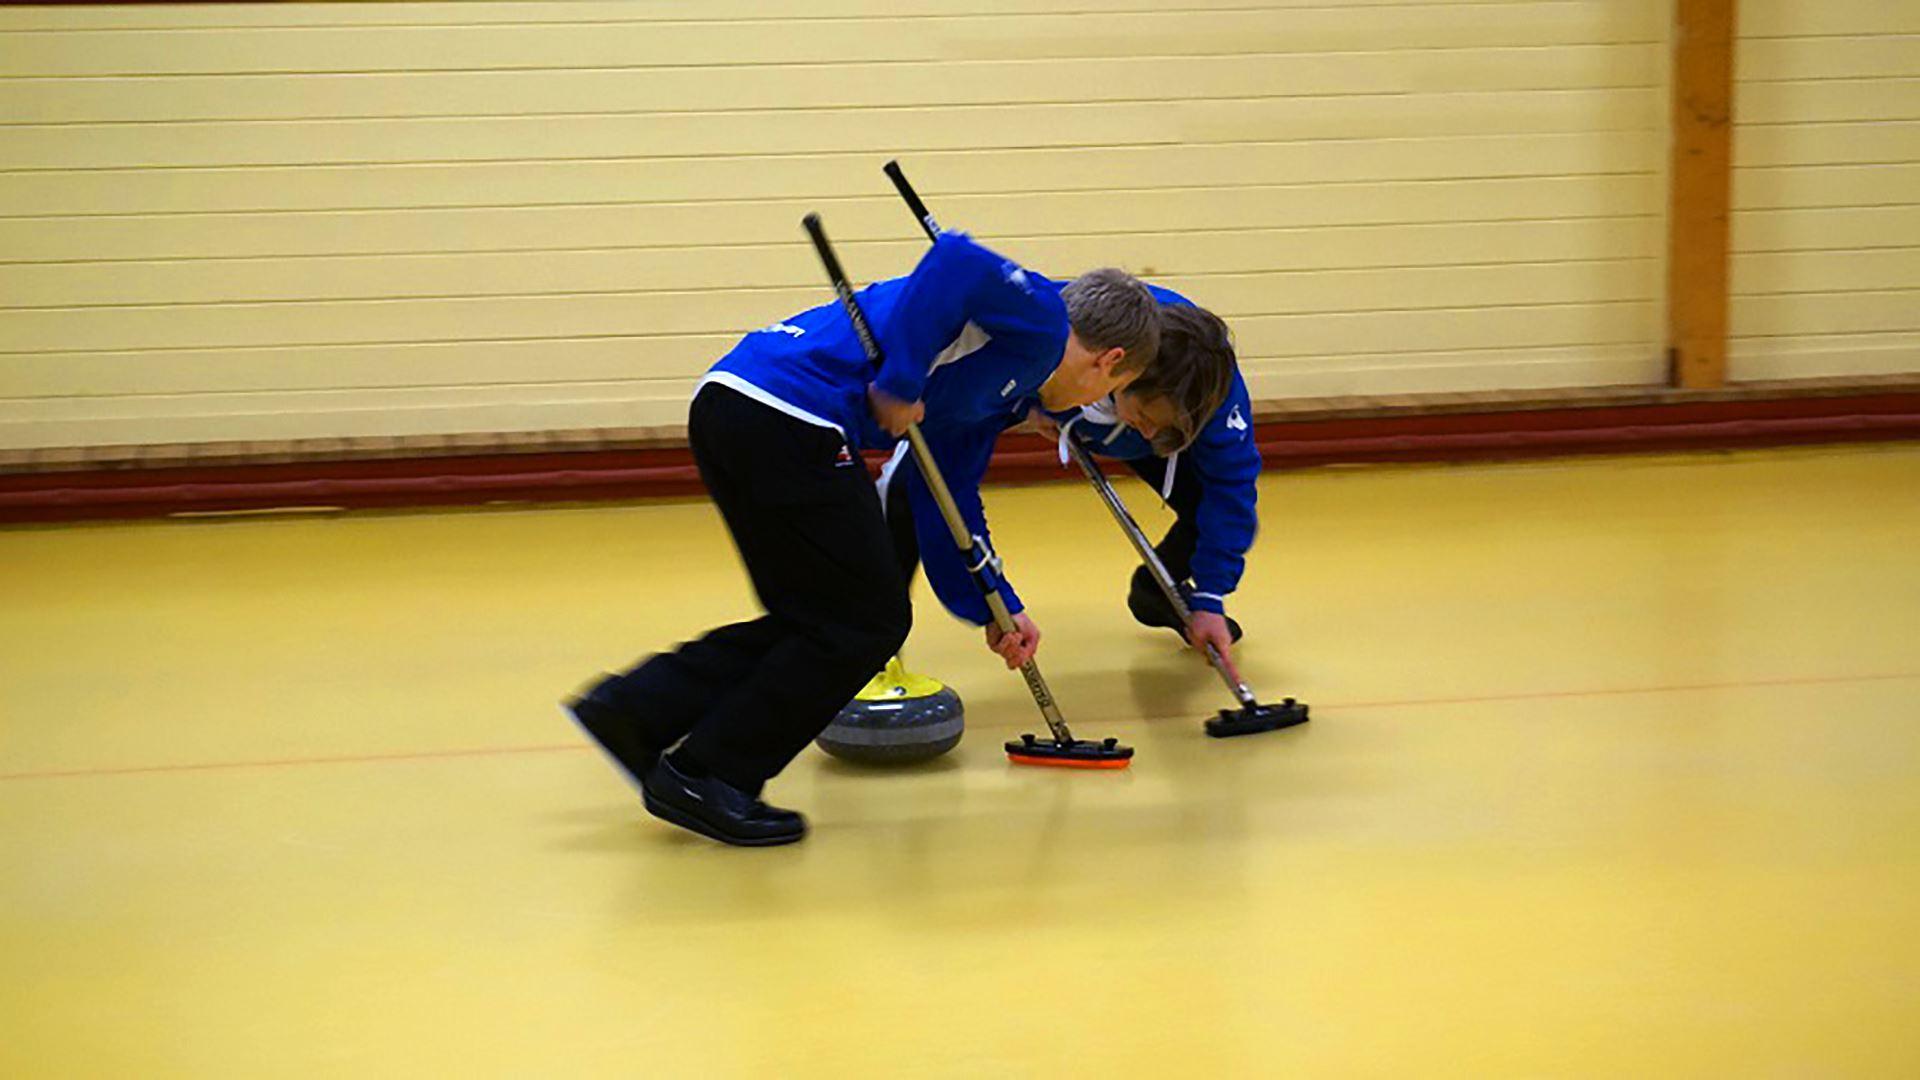 Prova på att spela curling!